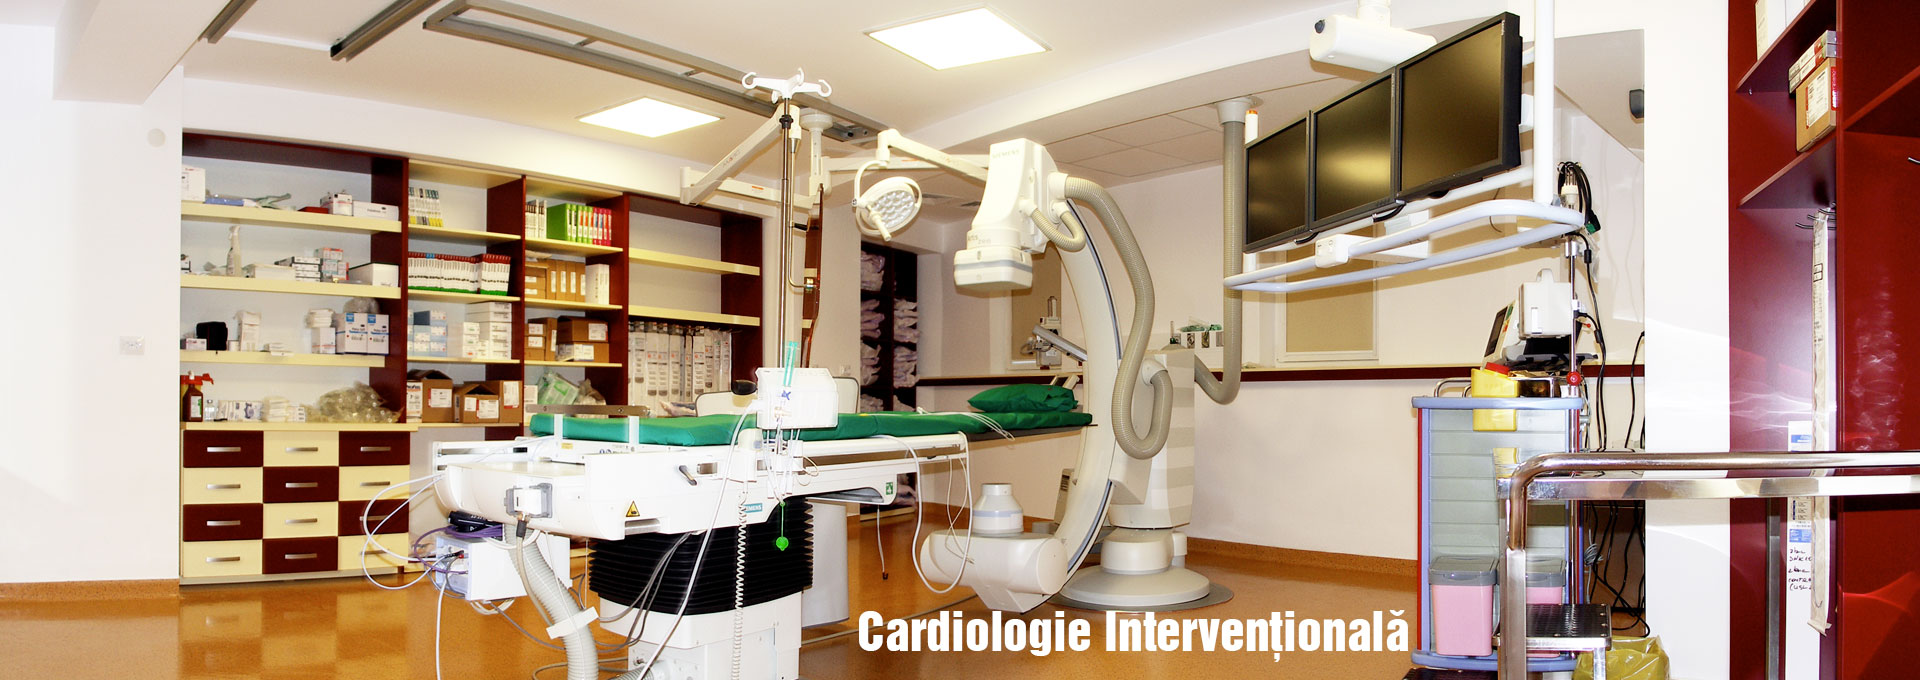 05-cardiologie